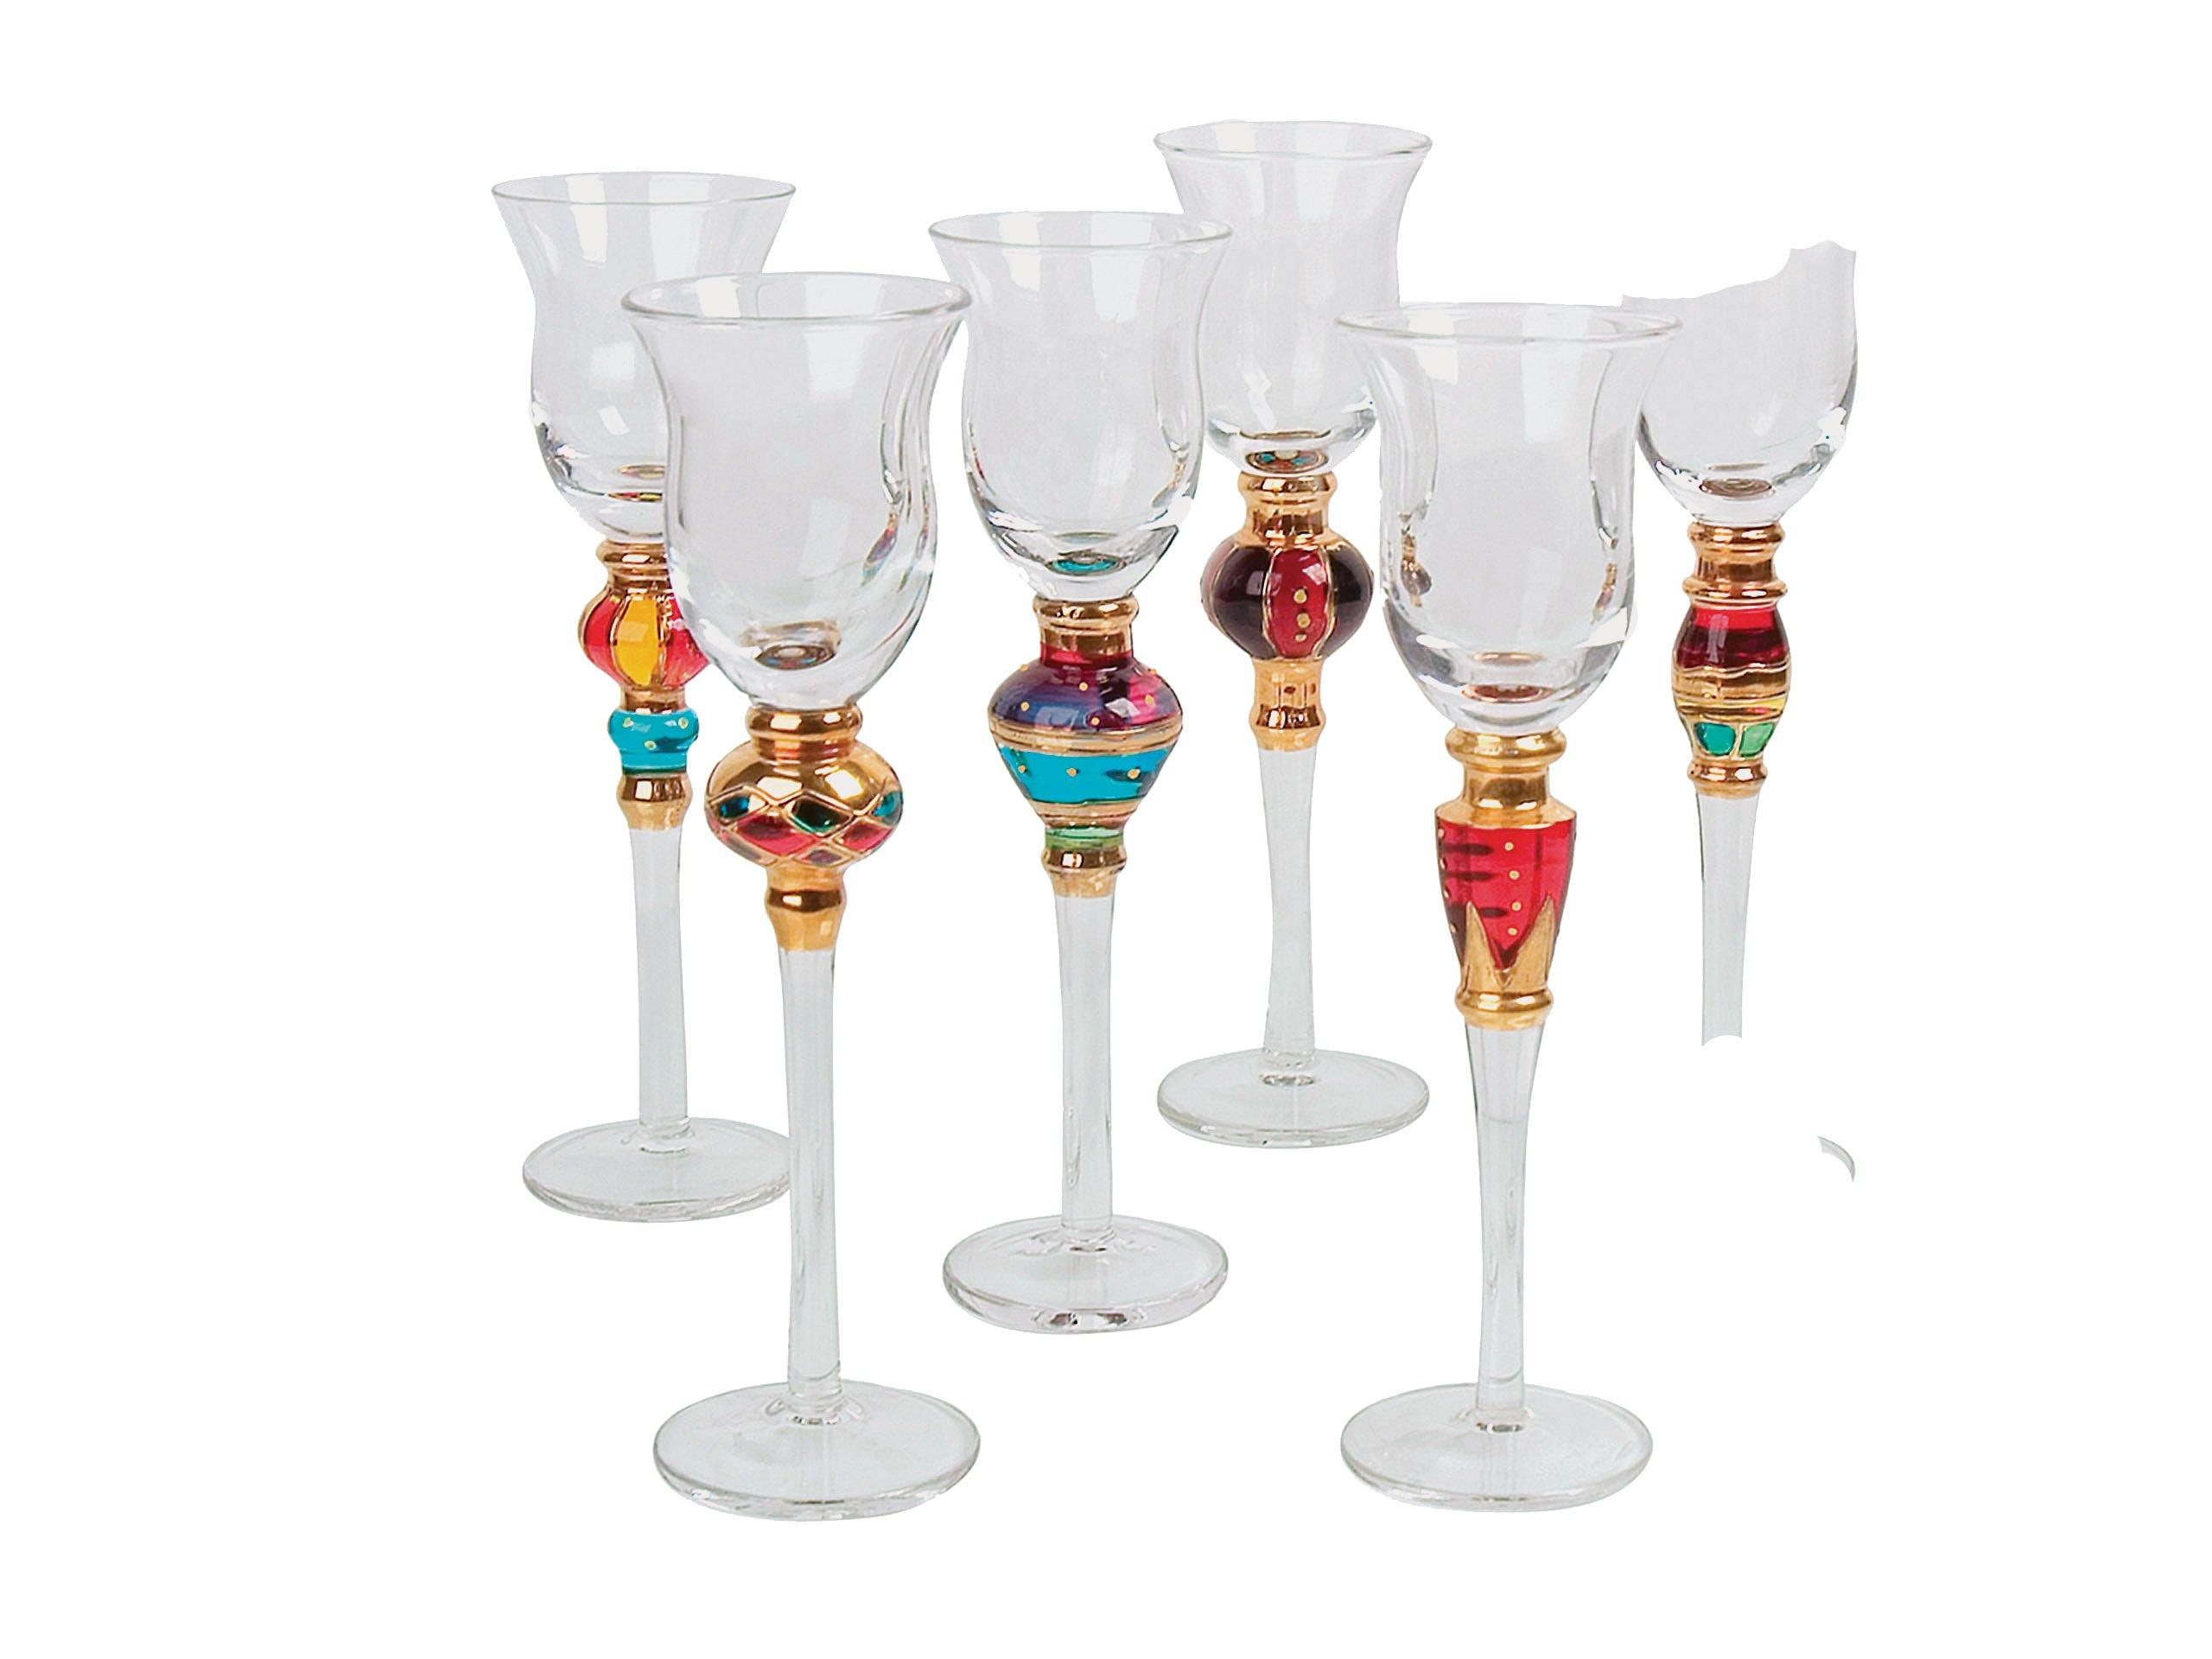 Artland Splendor Cordial Glass, Set of 6